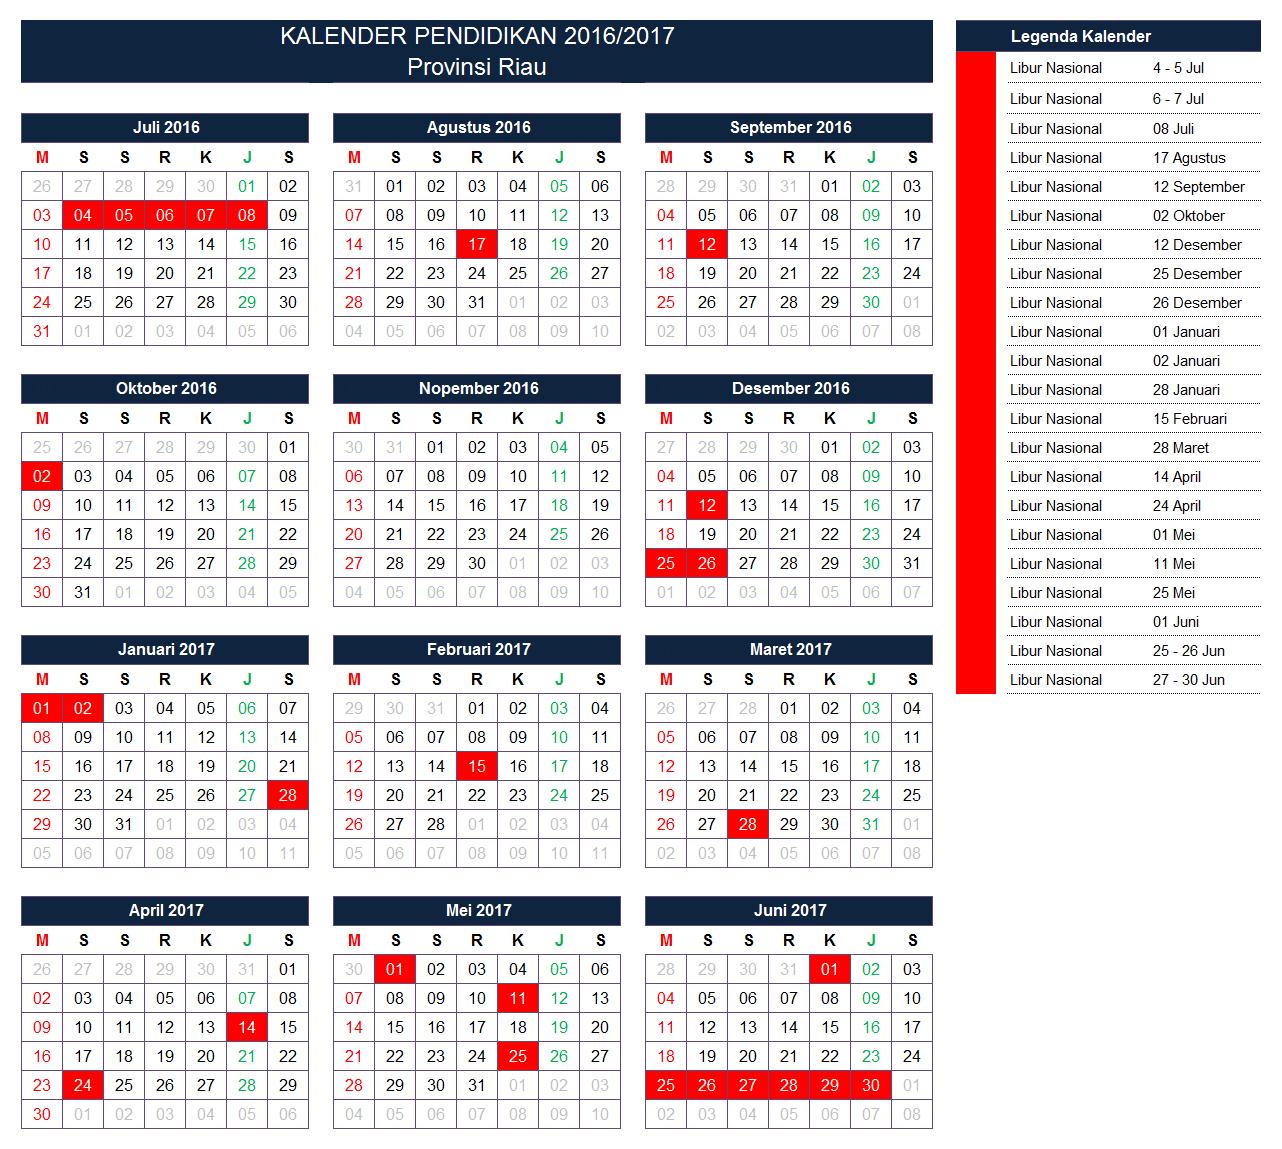 Kalender Pendidikan Provinsi Riau